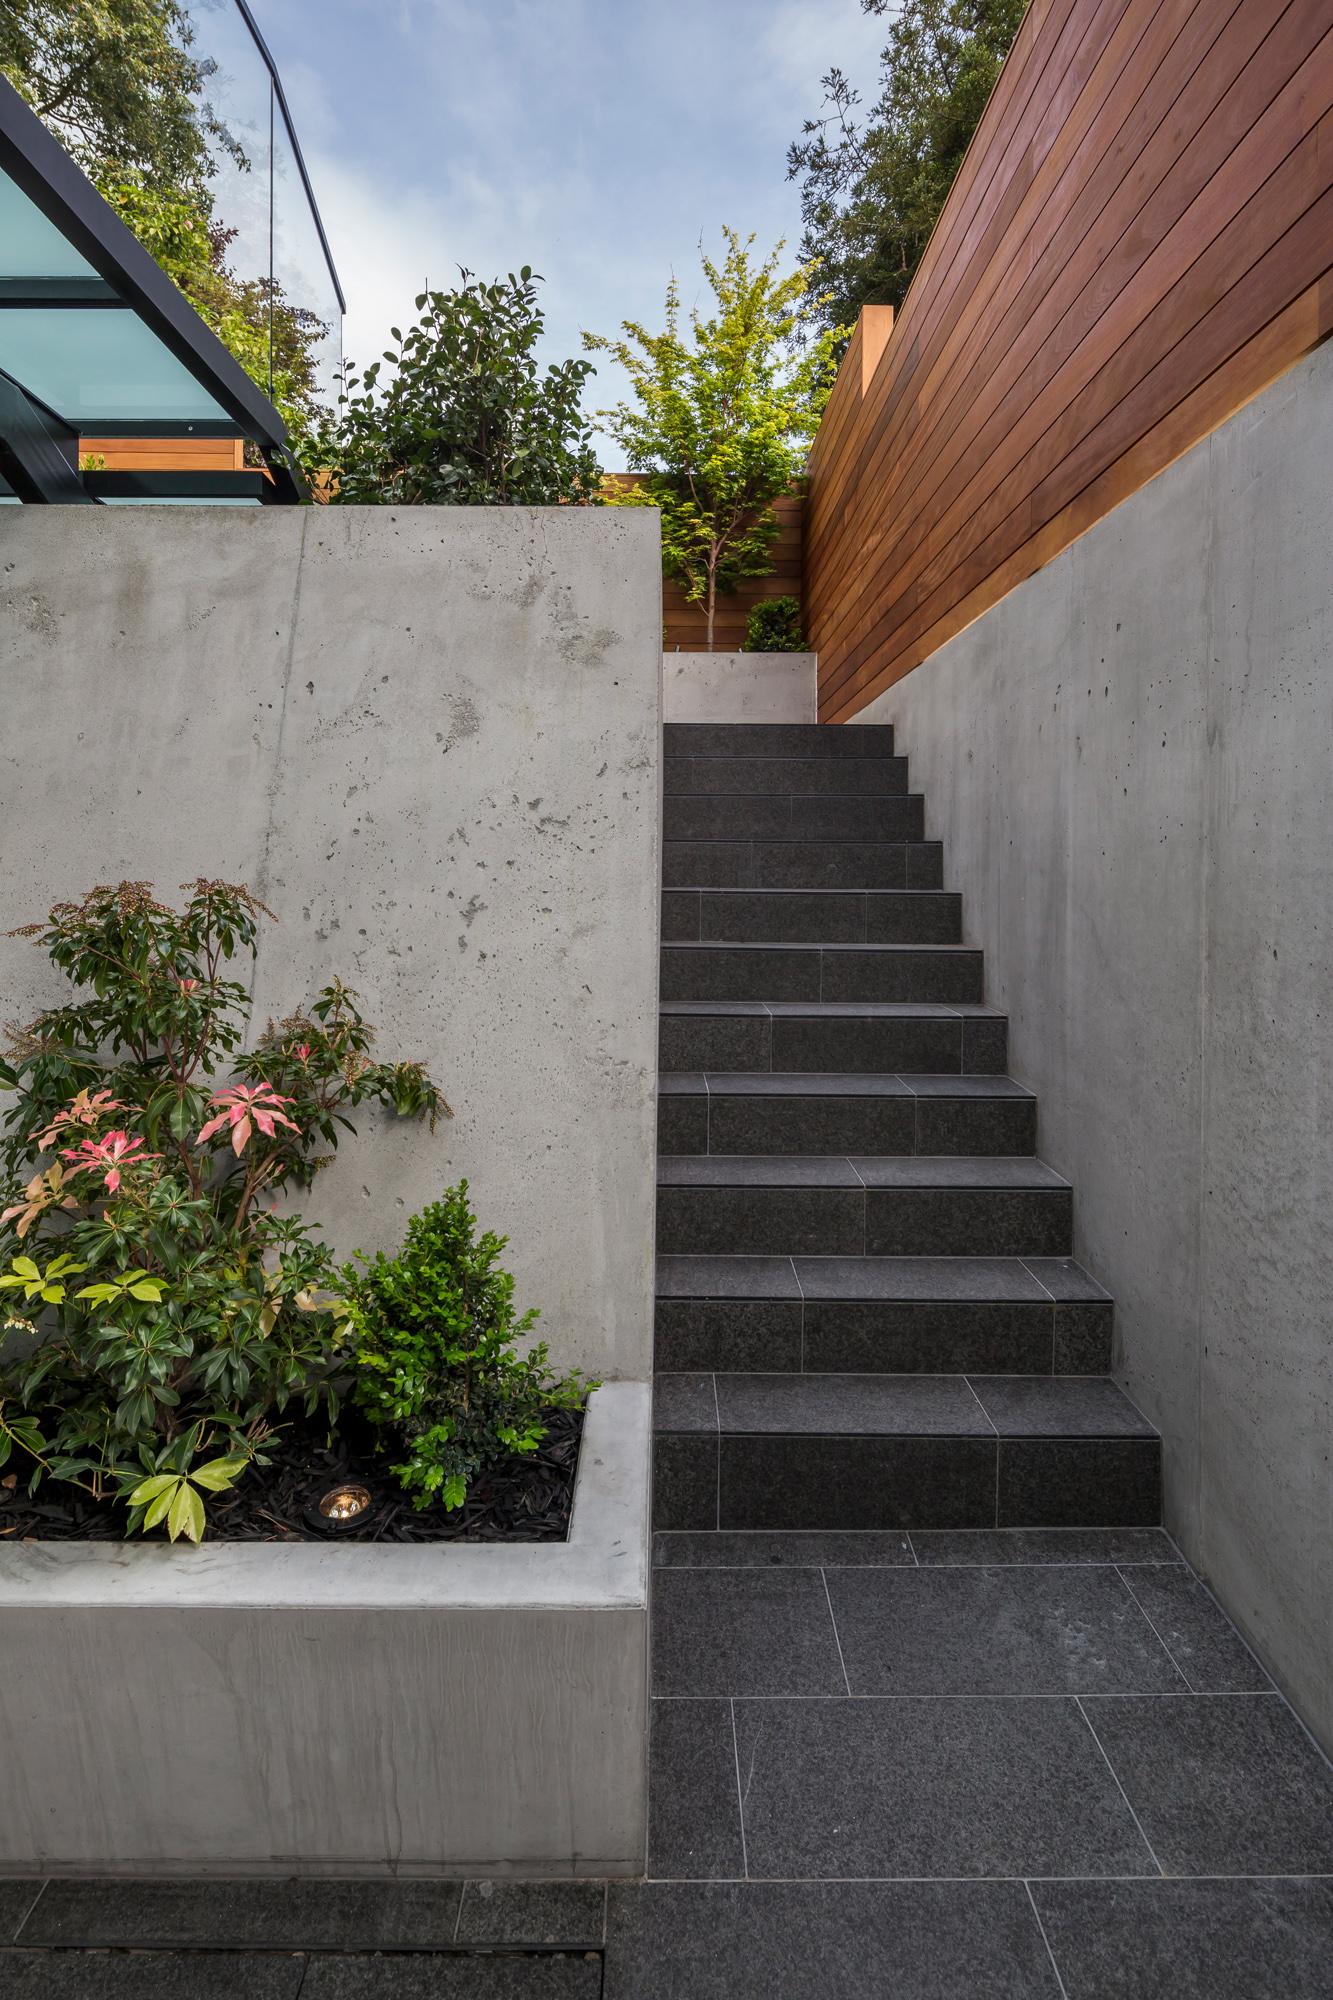 160_Lower_Patio_Stairway_1668.jpg